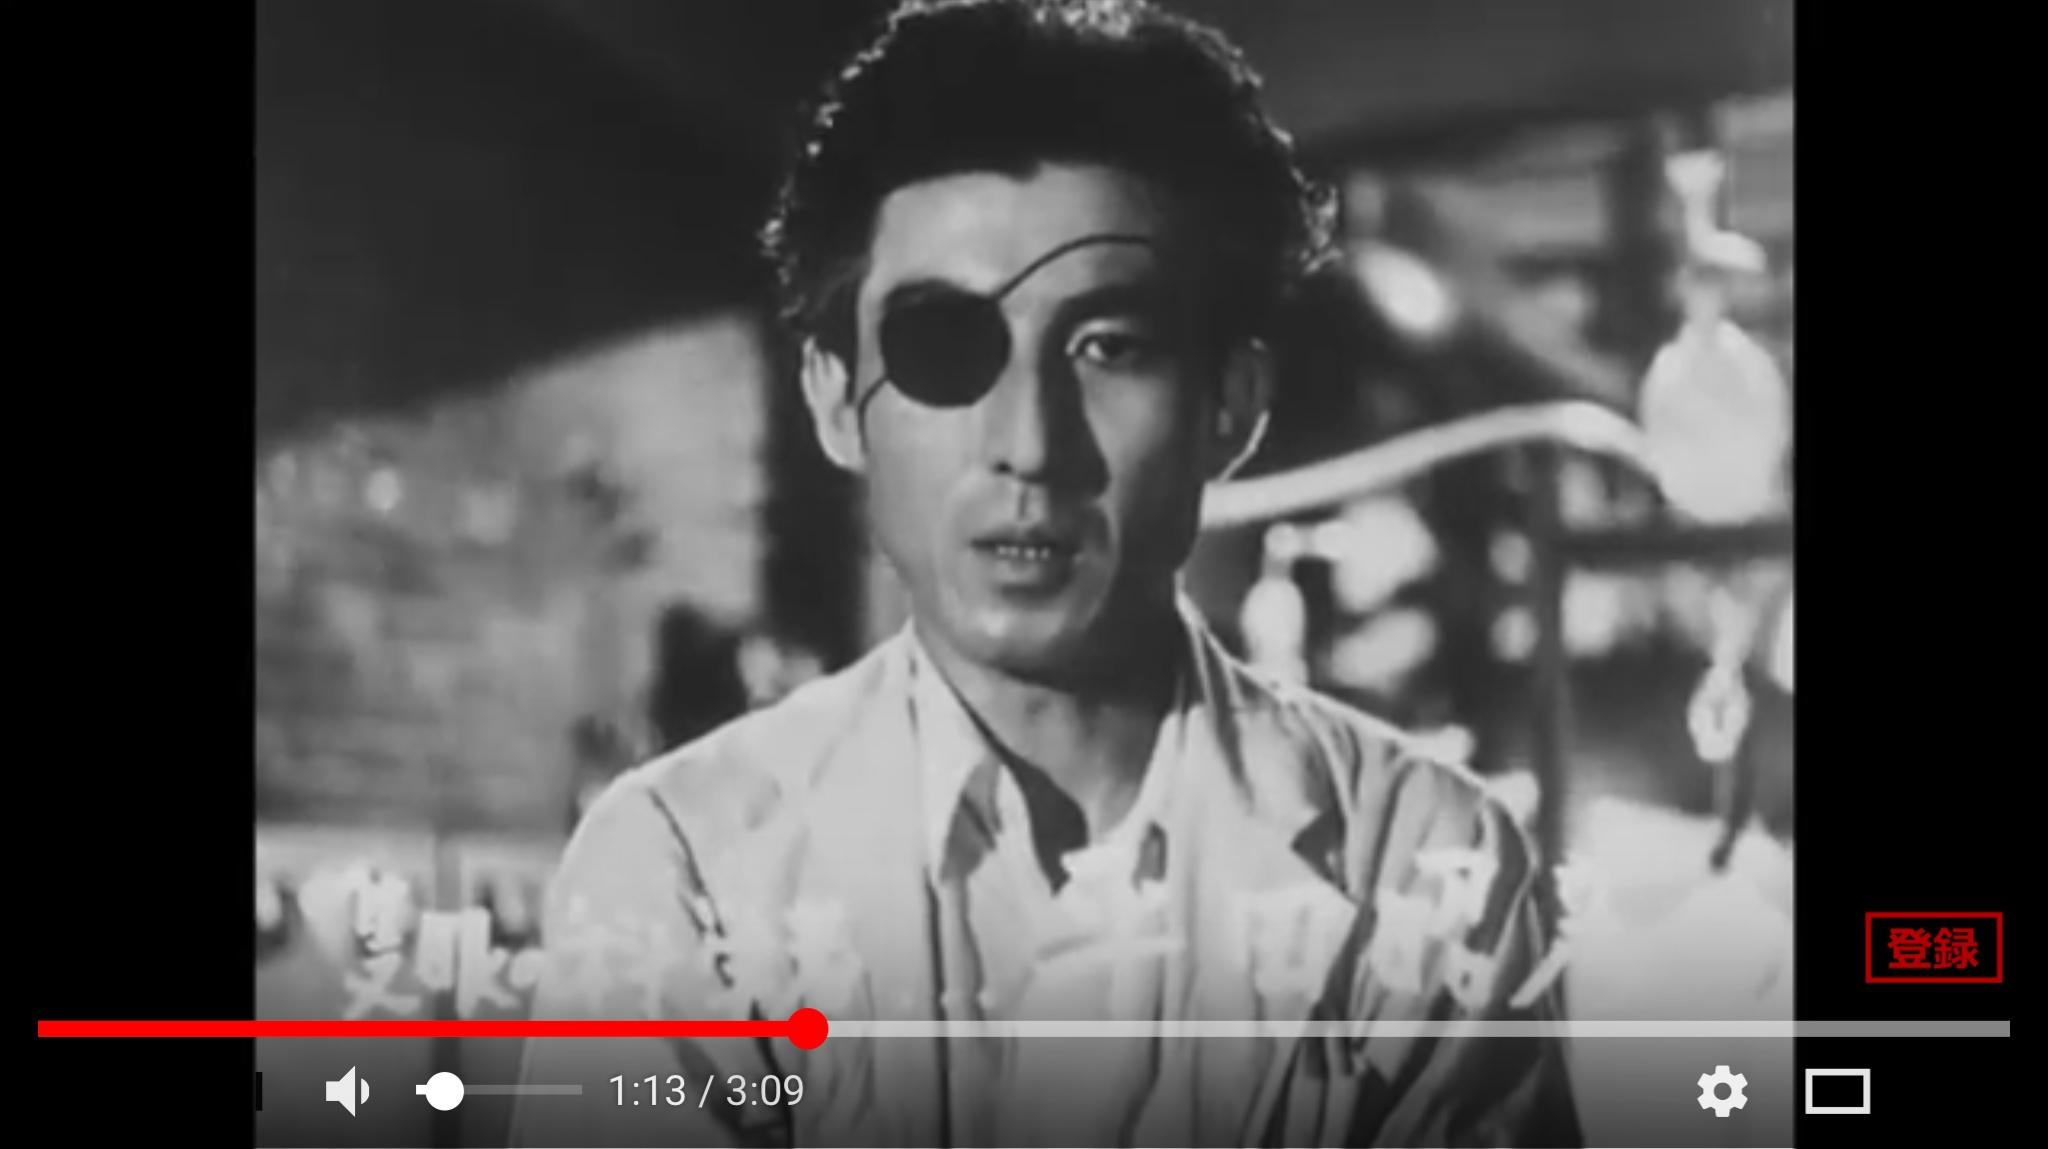 ゴジラ(1954)のシーン2